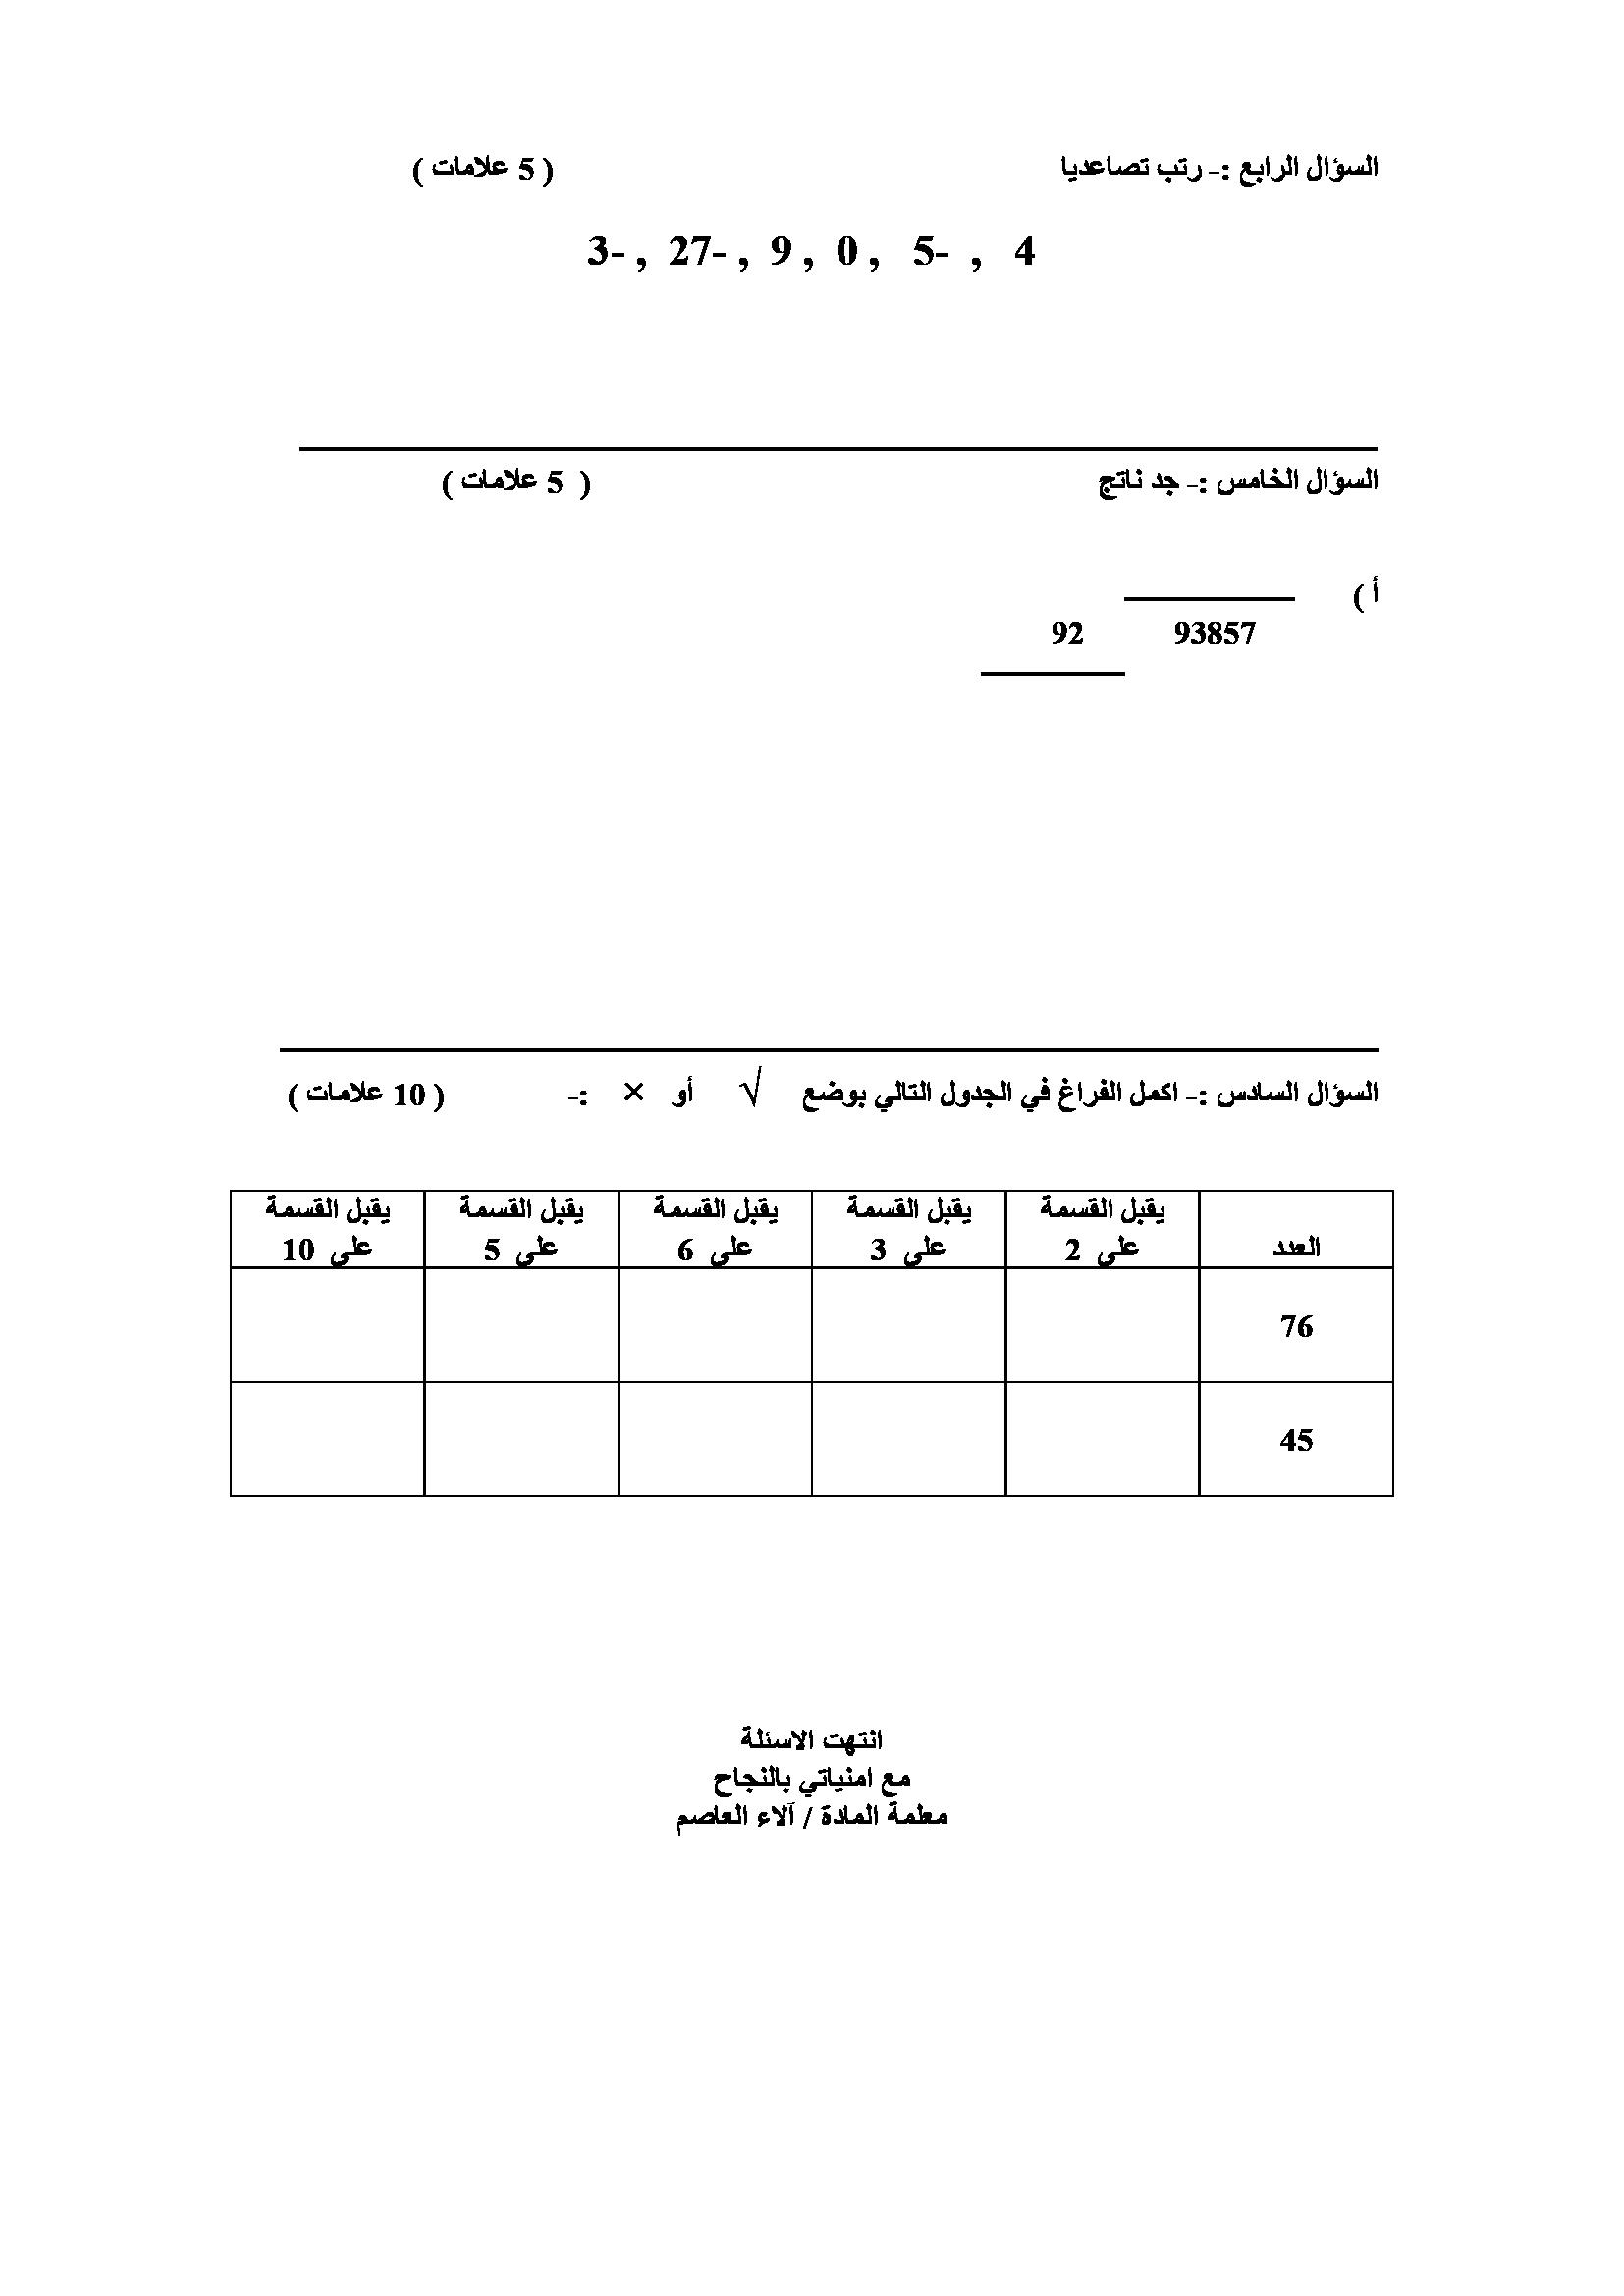 اختبار مادة الرياضيات للصف الخامس نهاية الفصل الاول 2018